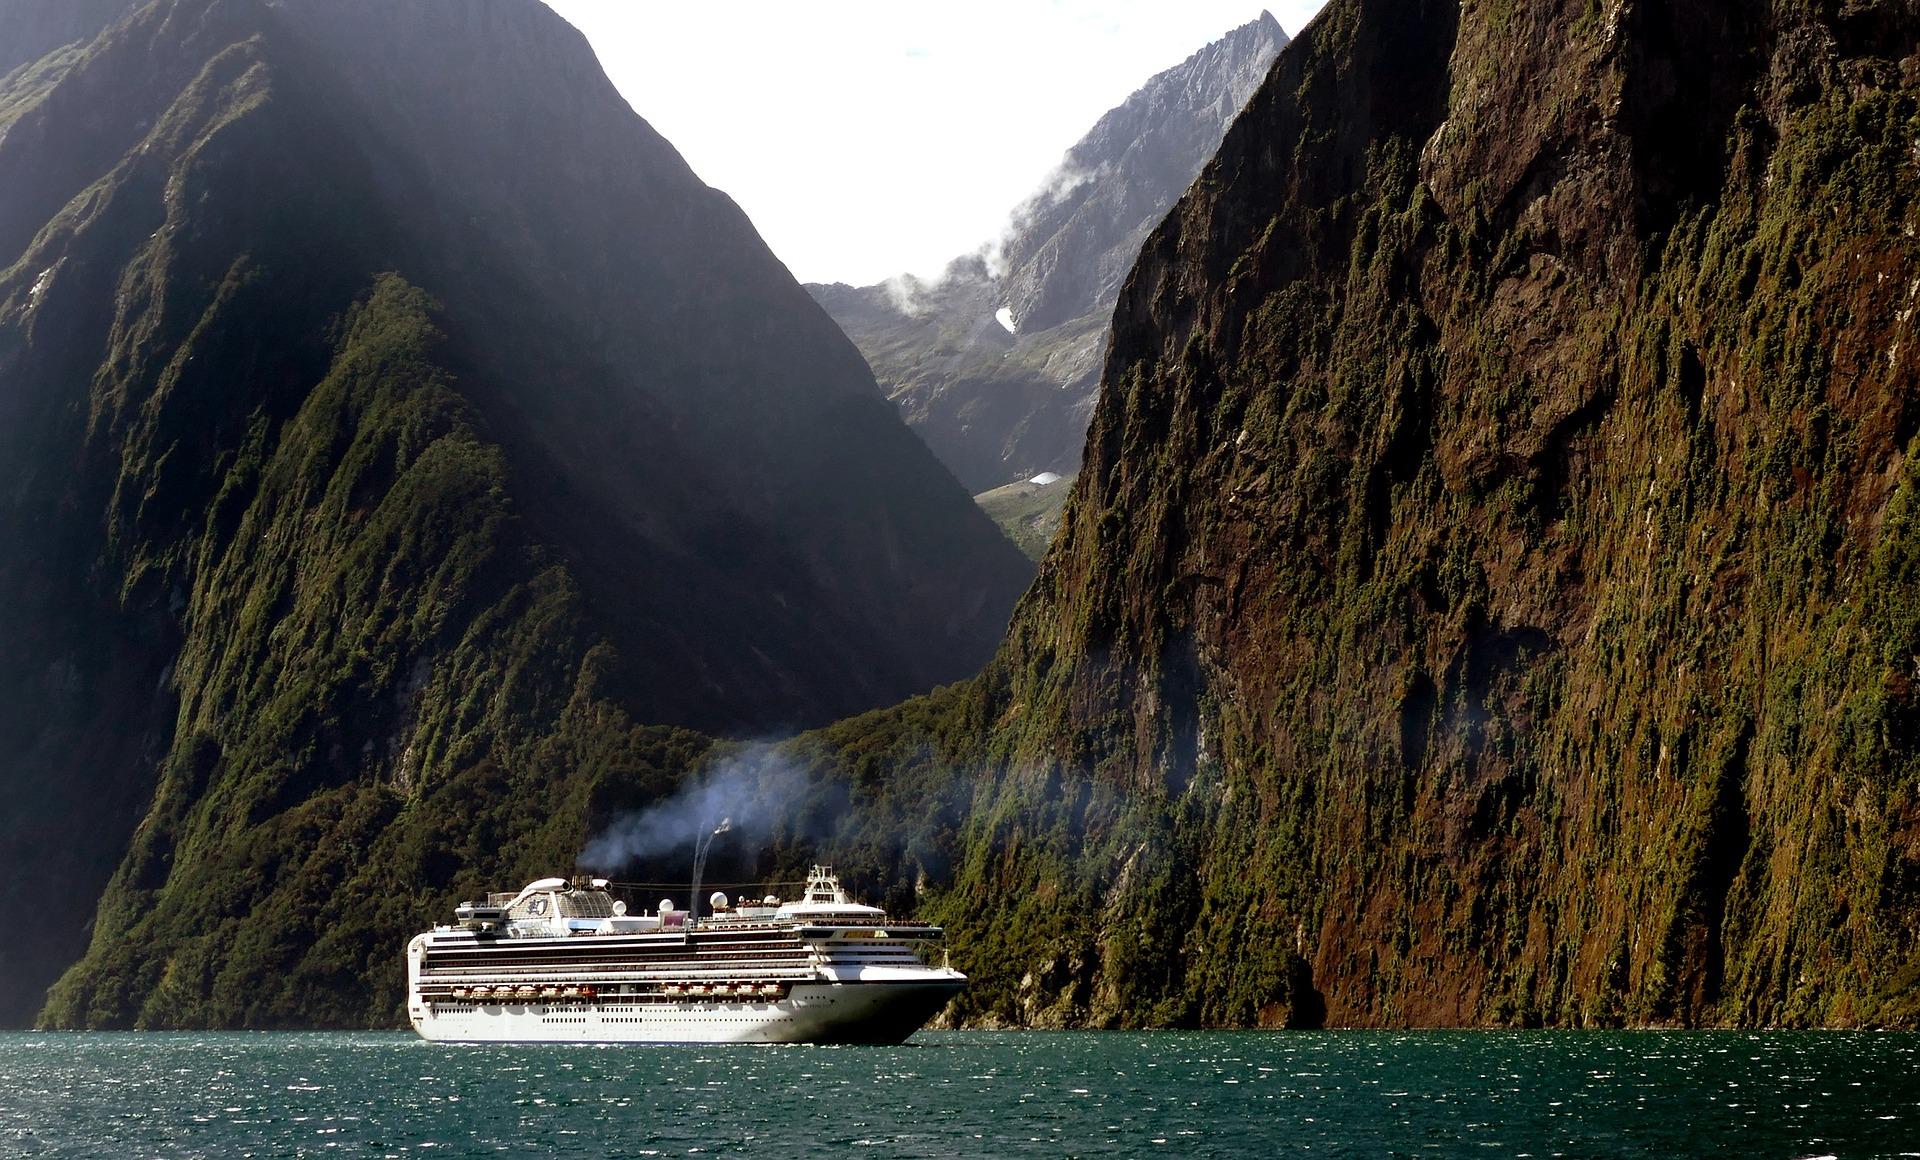 cruise-ship-1775445_1920